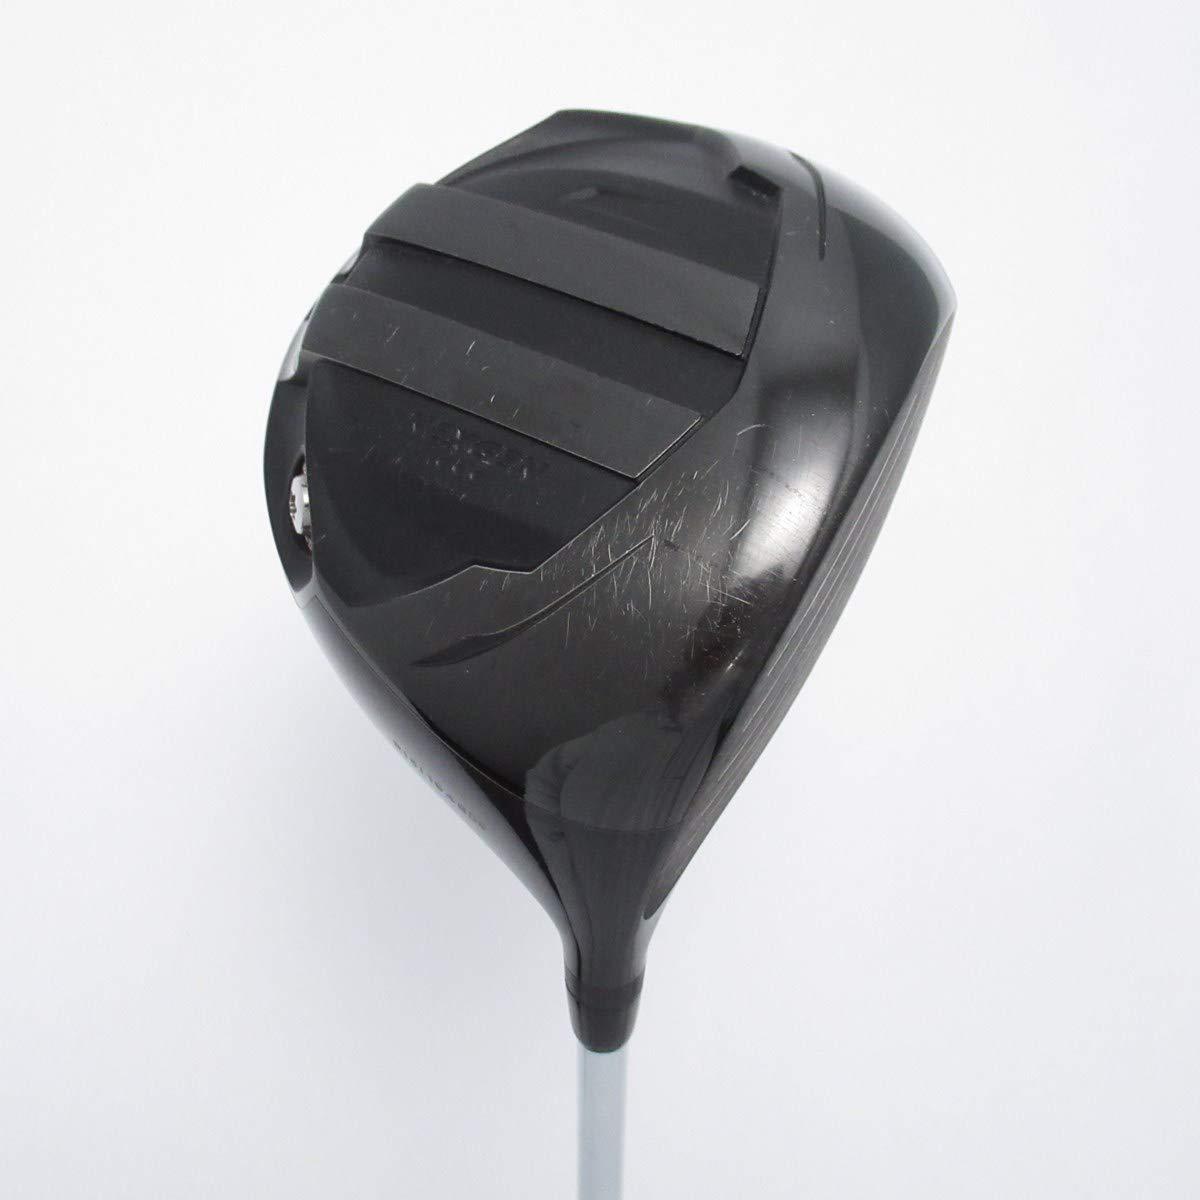 【中古】ゴルフパートナー Golf Partner NEXGEN JET BLACK ドライバー カーボンシャフト S  B07P81PQTR